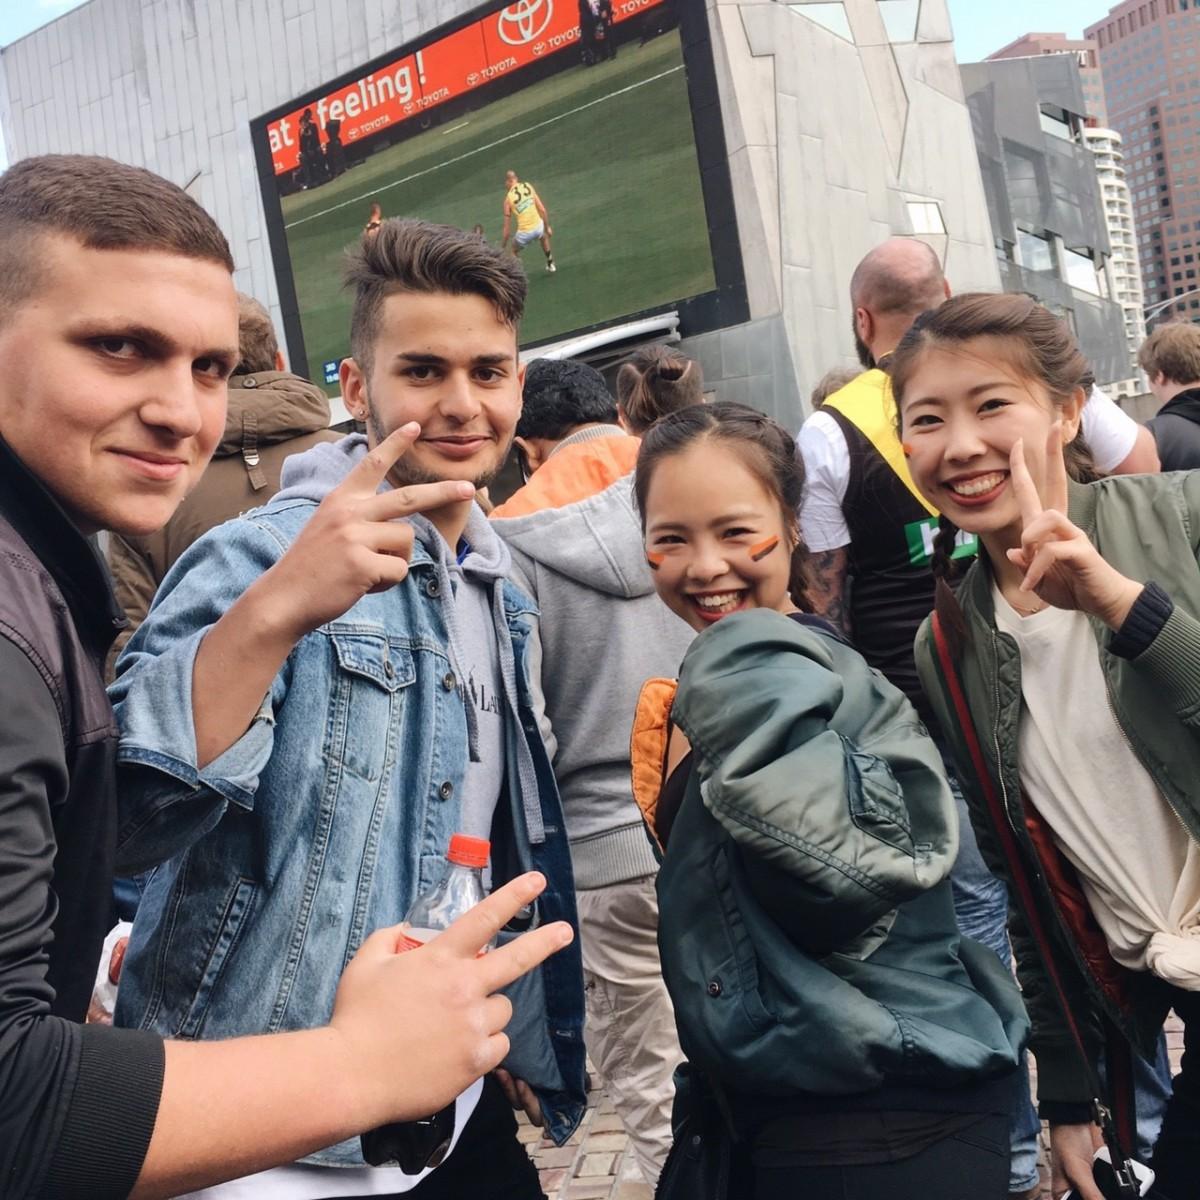 オーストラリアフットボールのAFLグランドファイナルを観戦!【karenのオーストラリア留学ブログ】